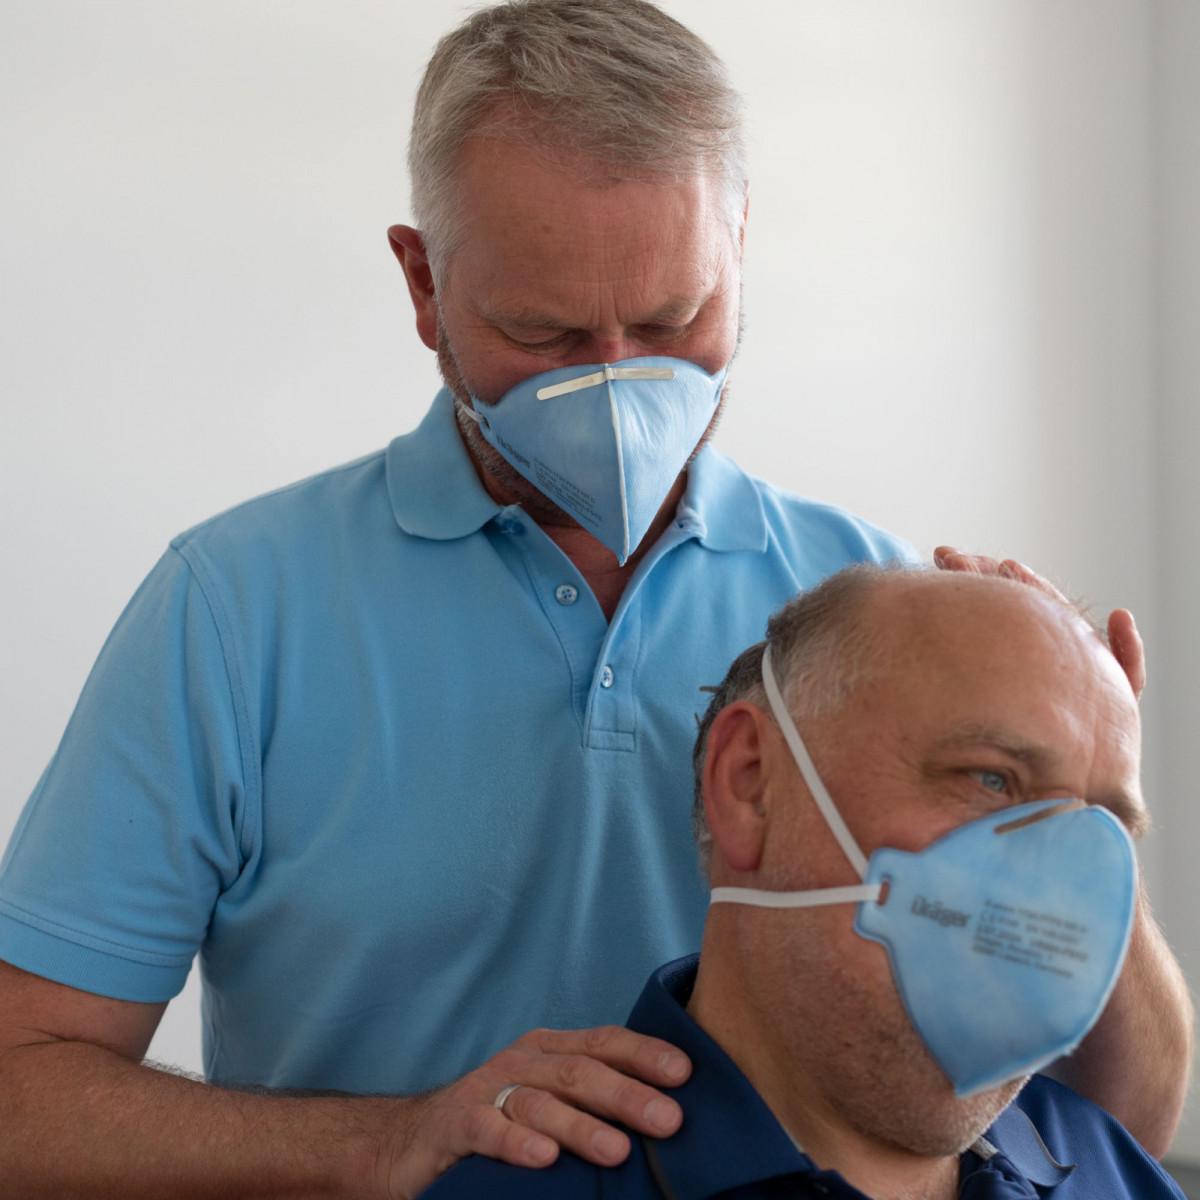 Physiotherapeutische Behandlung mit Atemschutzmaske.